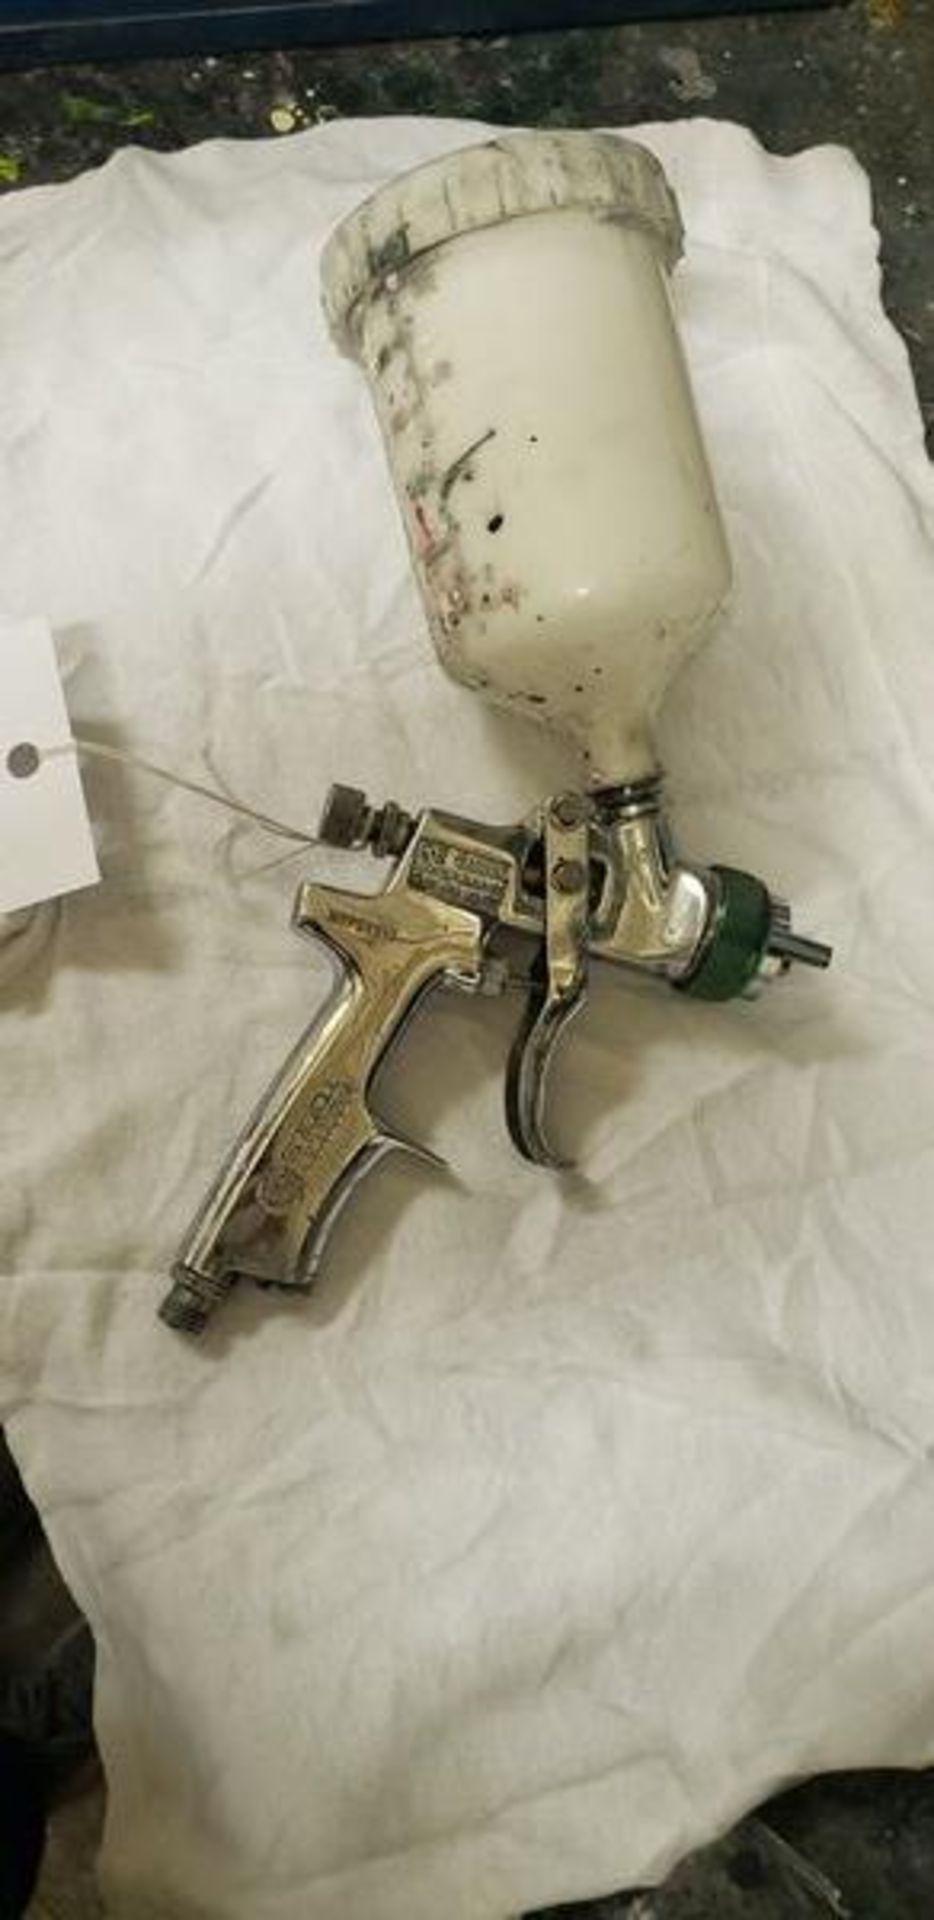 MATCO HVLP SPRAY GUN